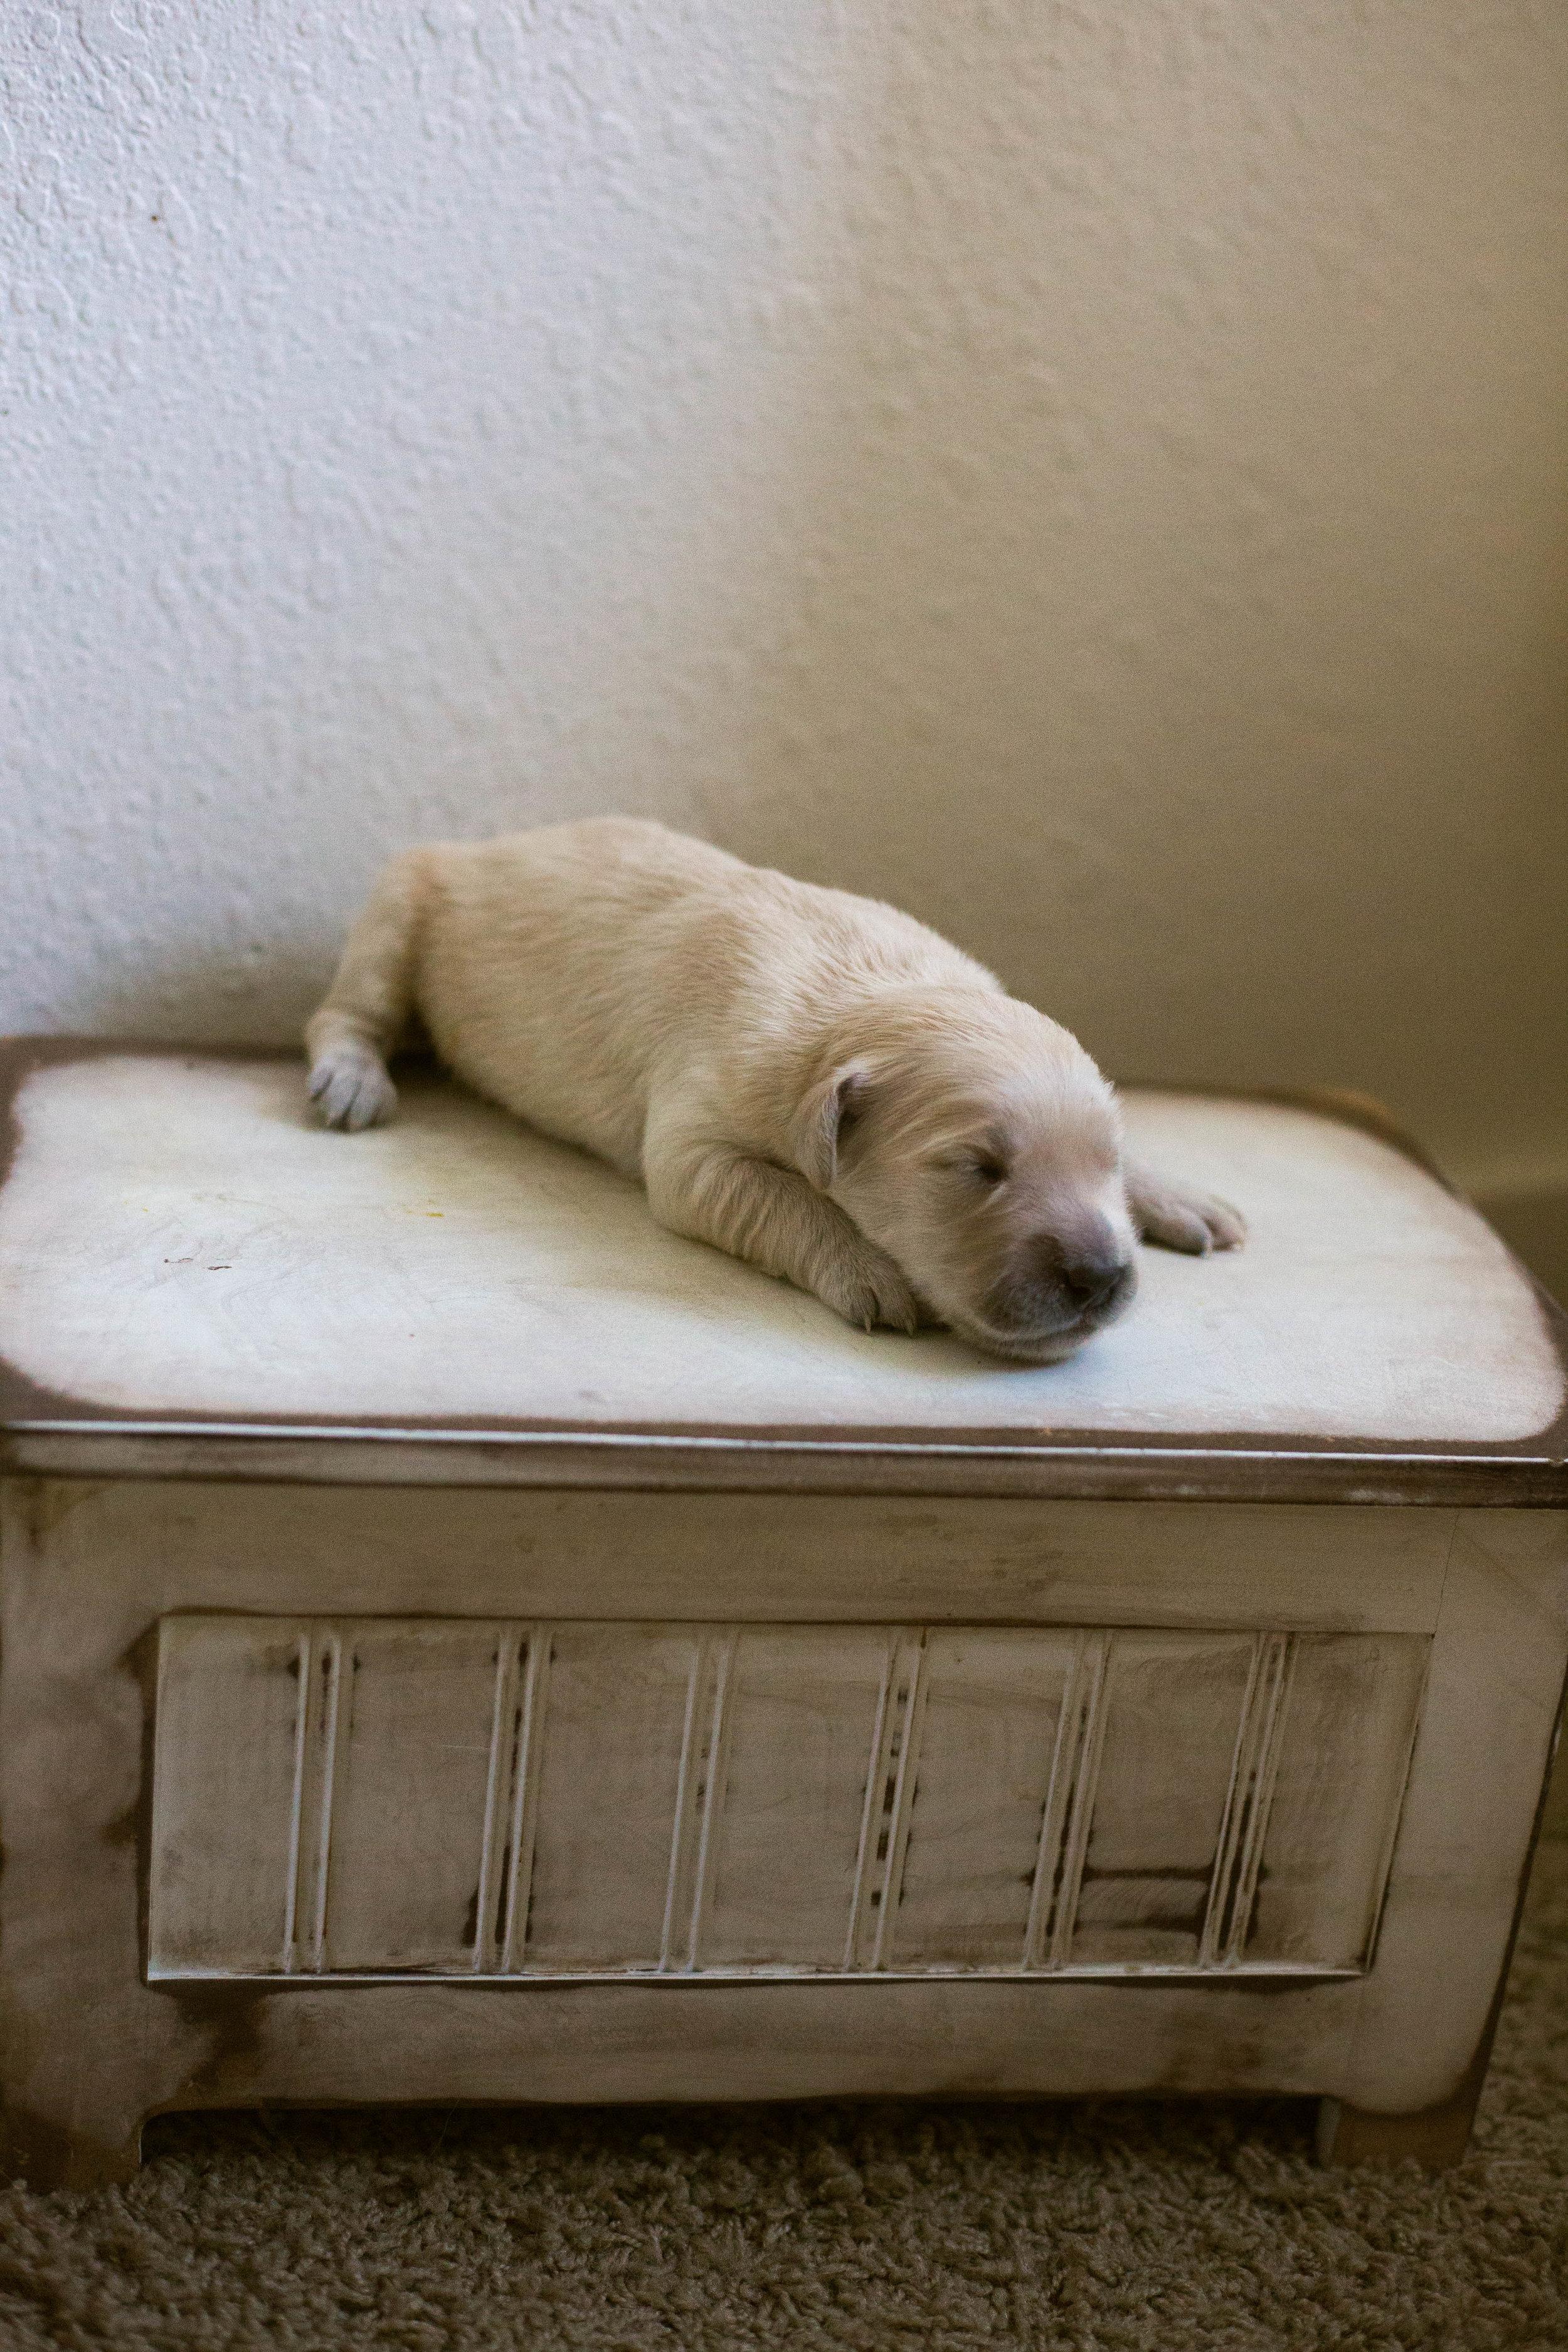 Puppies_1week-2.jpg